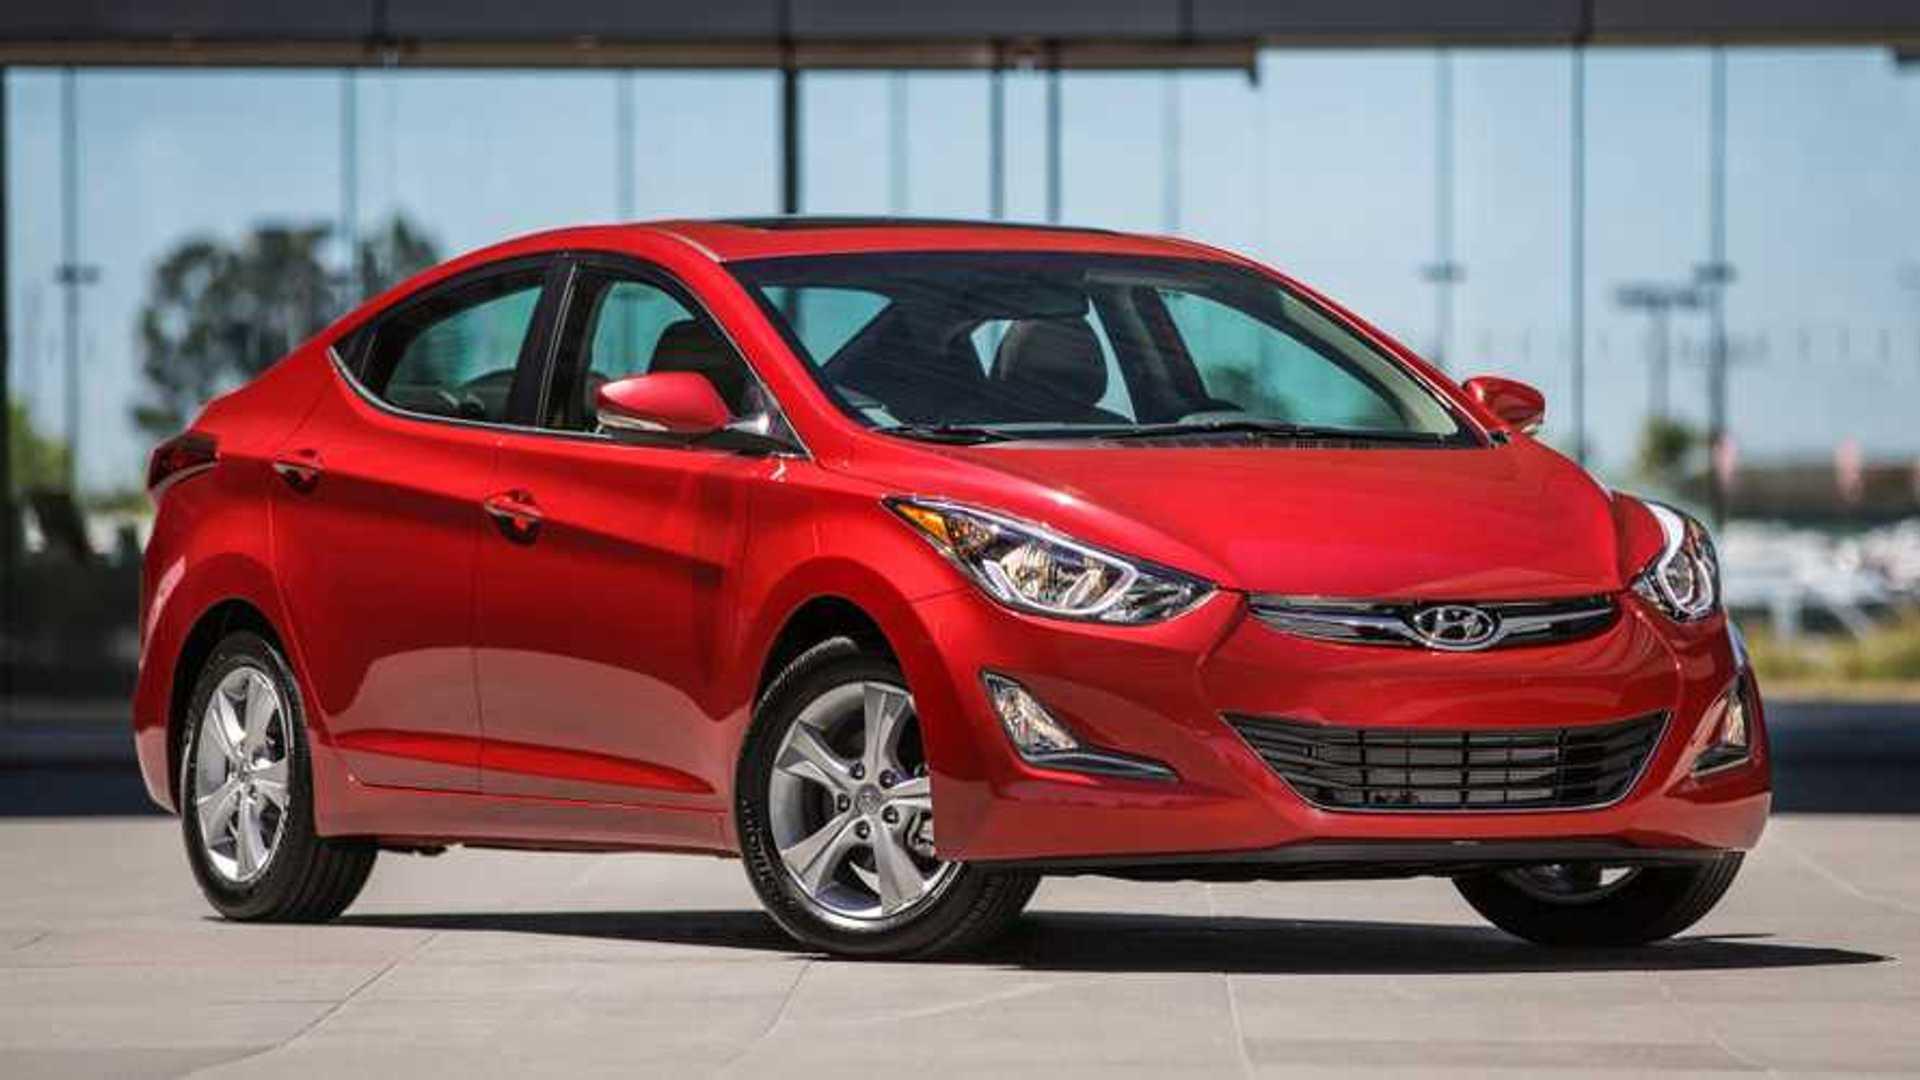 Hyundai отказывается от BlueLink первого поколения и отключает функции безопасности